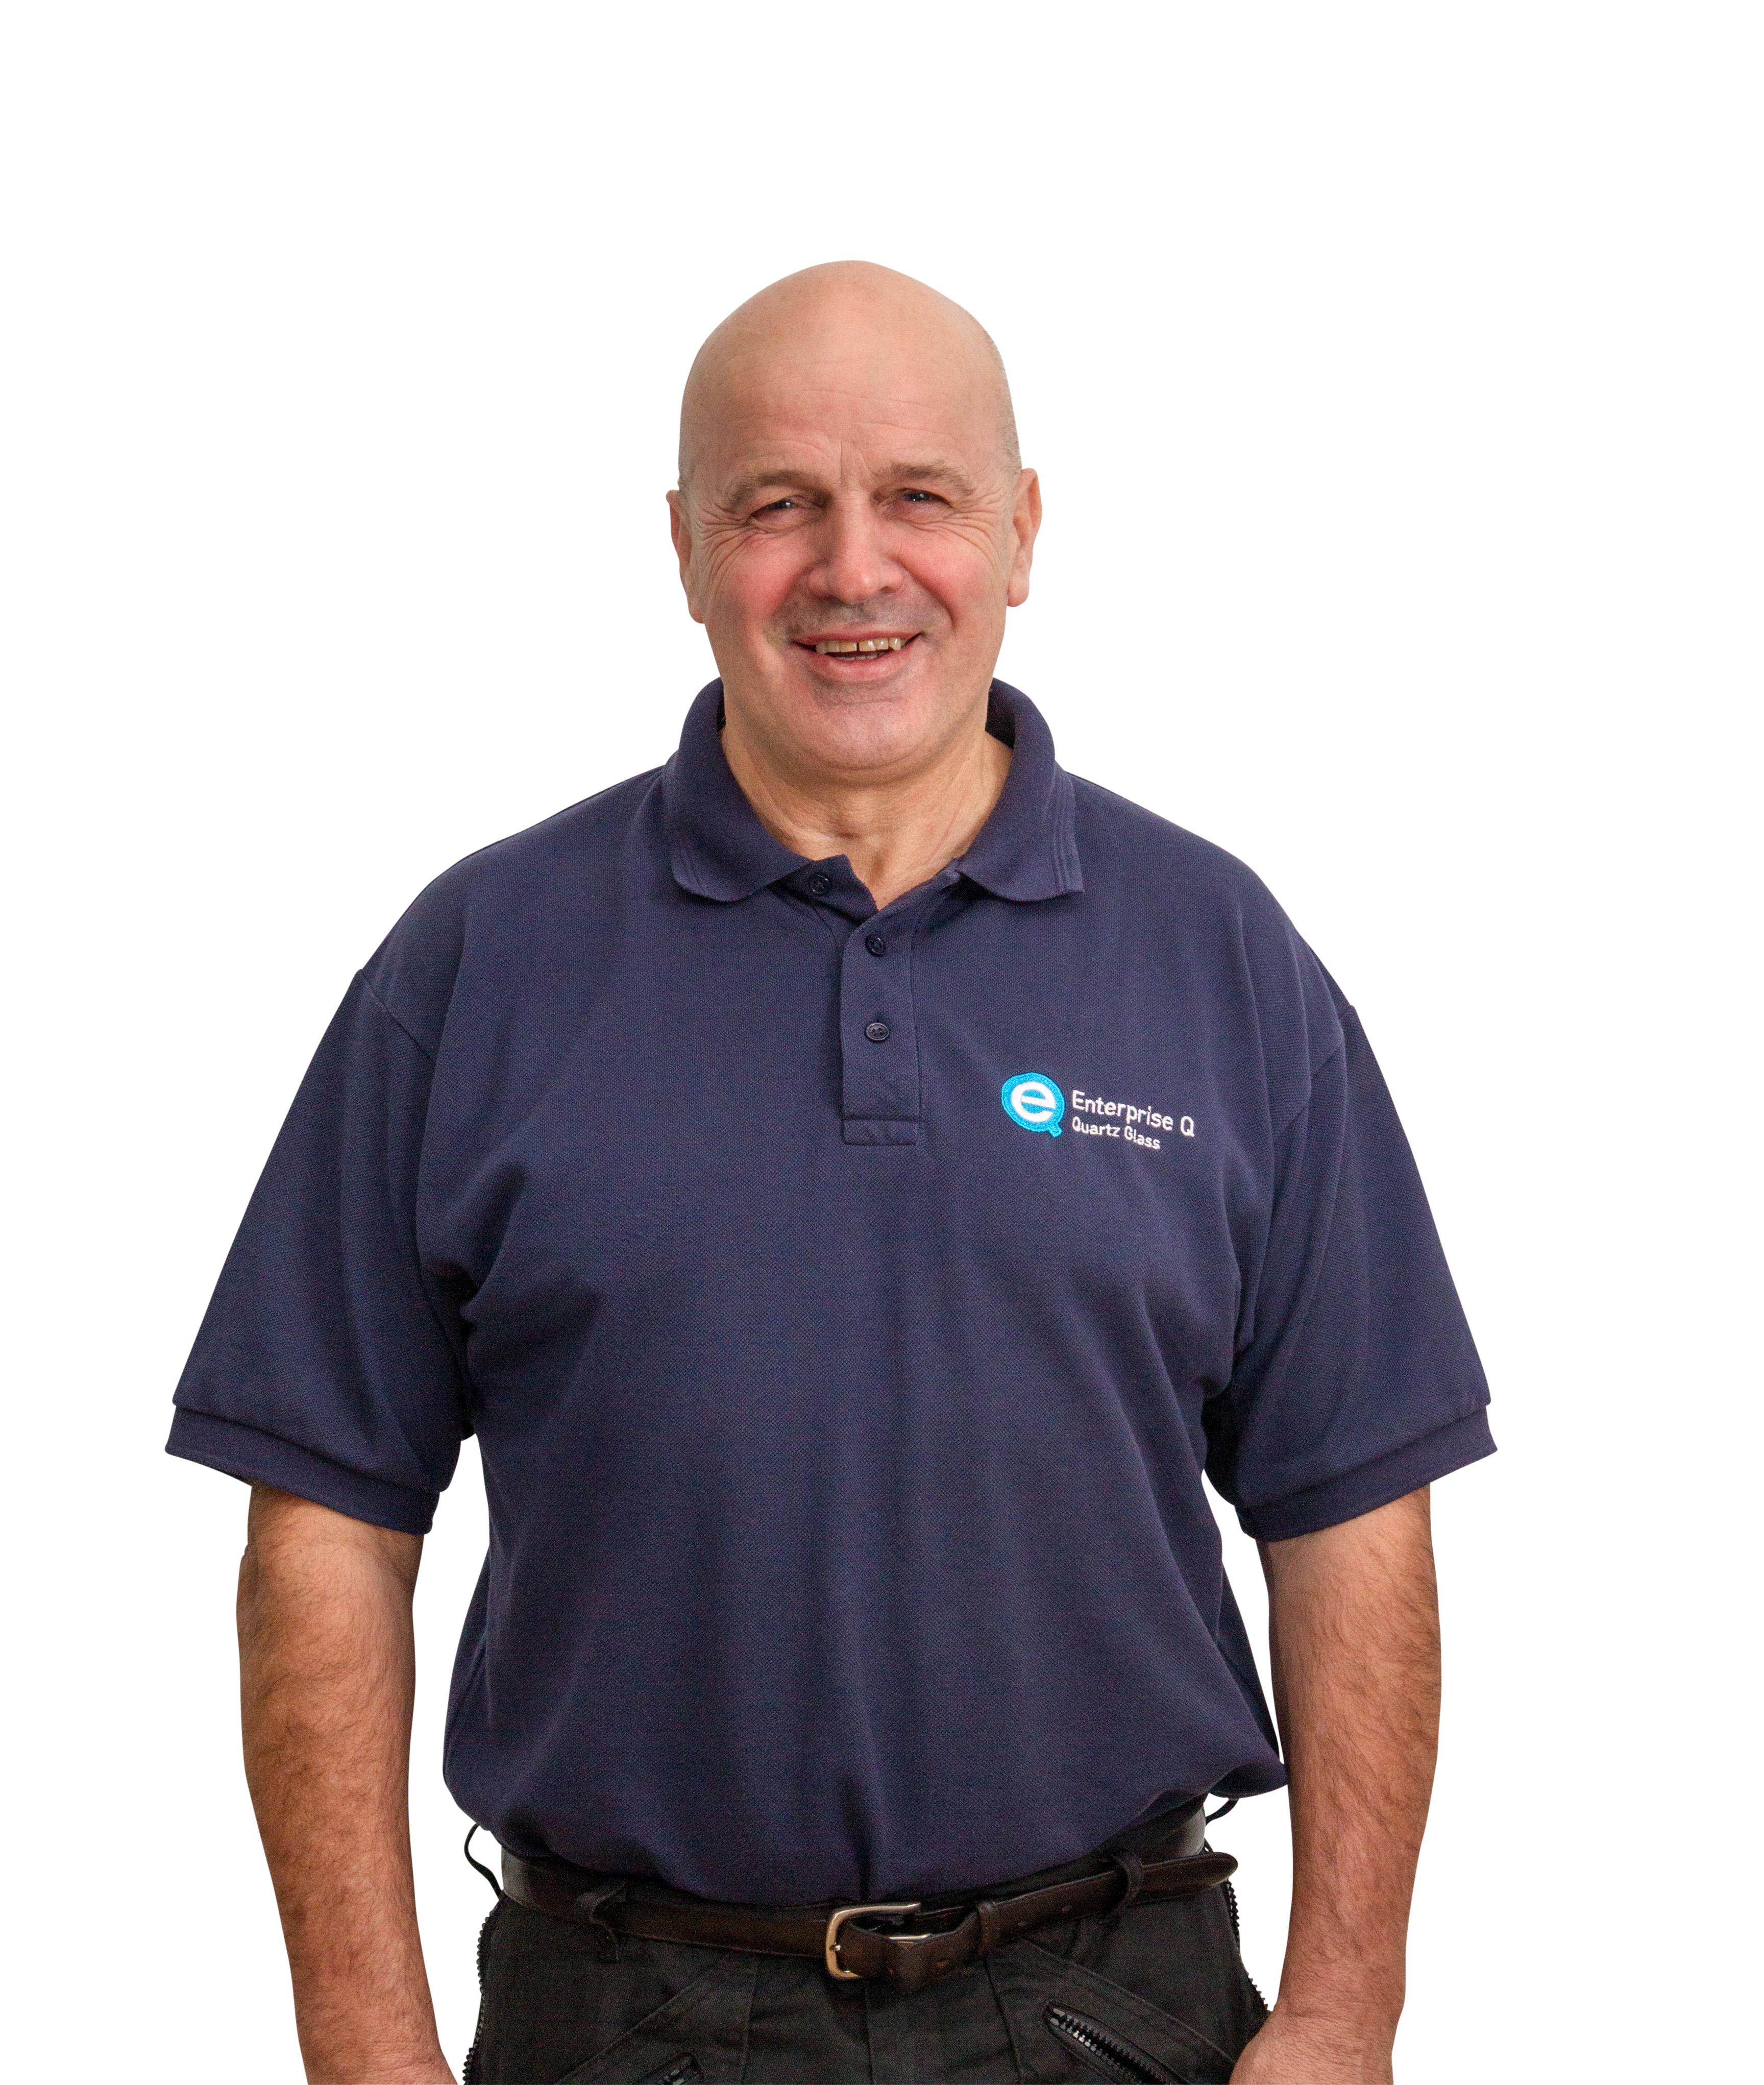 Phil Cottiga